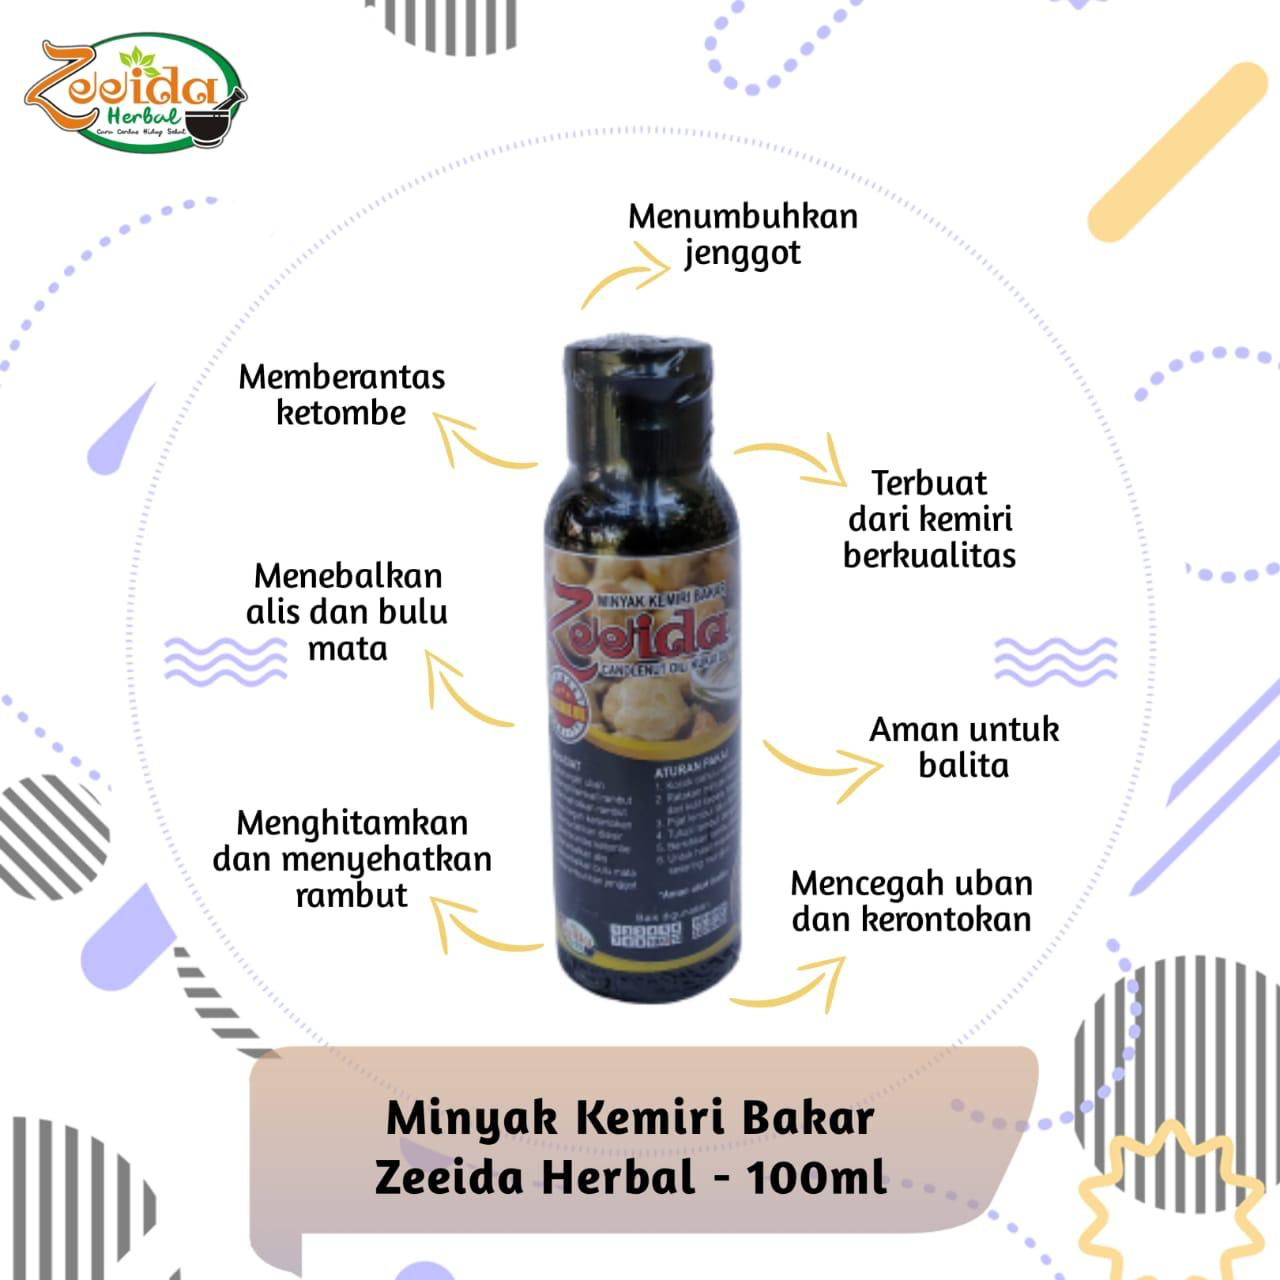 Minyak Kemiri Bakar Zeeida Minyak Rambut Penumbuh Rambut Penumbuh Janggut Penumbuh Jenggot Gma Lazada Indonesia